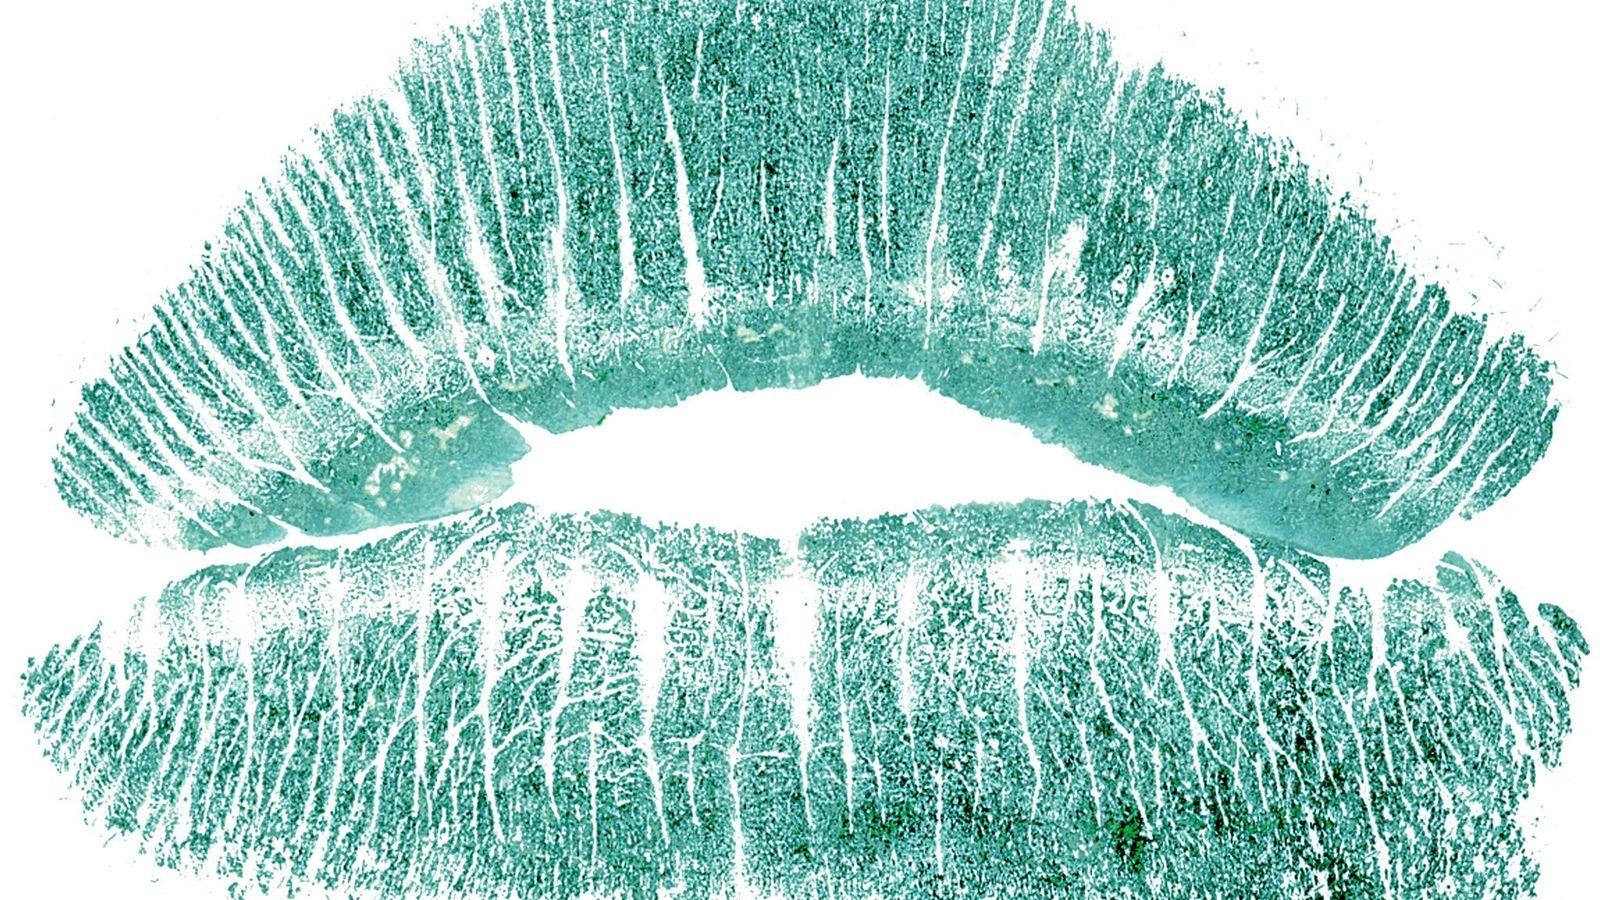 Une lèvre non clivée révèle un motif de ligne verticale.